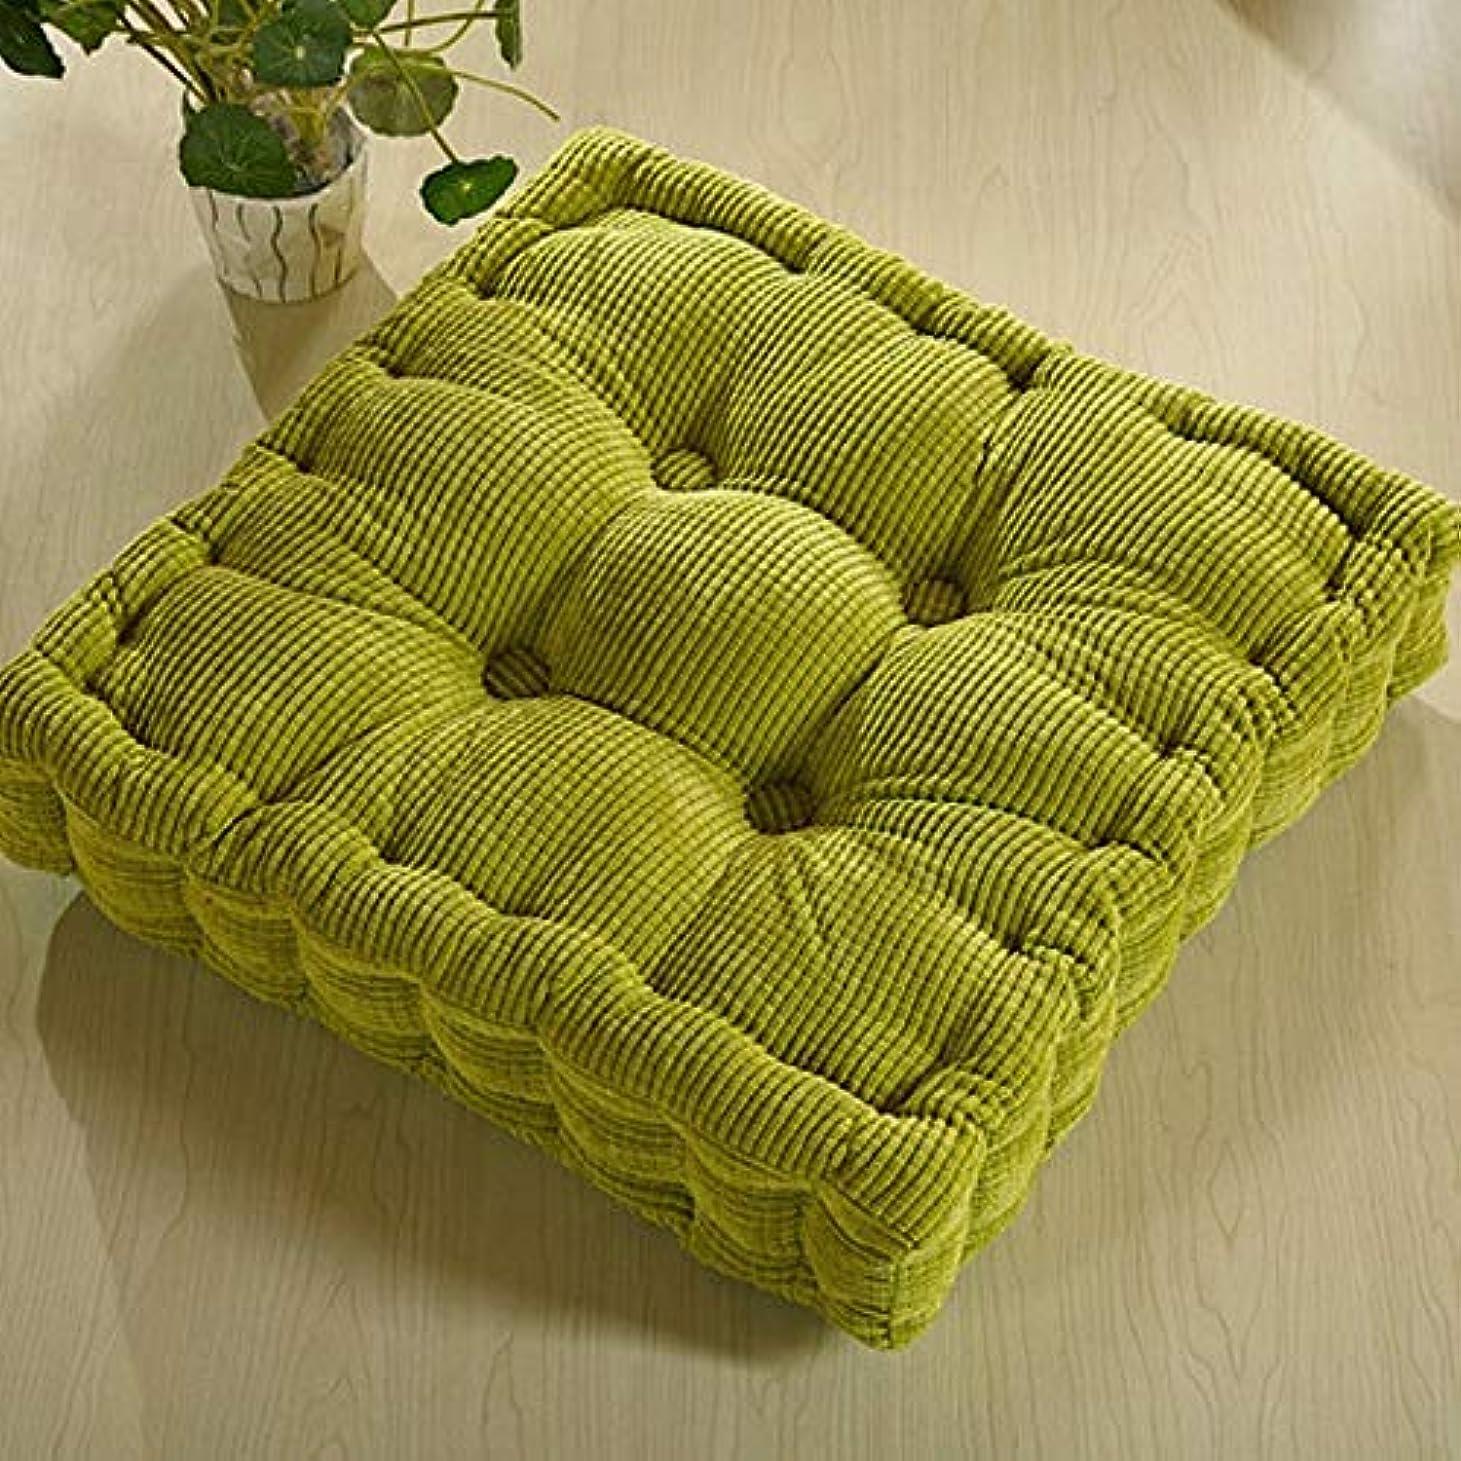 上時間まだらLIFE 肥厚トウモロコシの穂軸畳クッションオフィスチェアクッションソファクッション生地チェアクッションカーシートクッション クッション 椅子